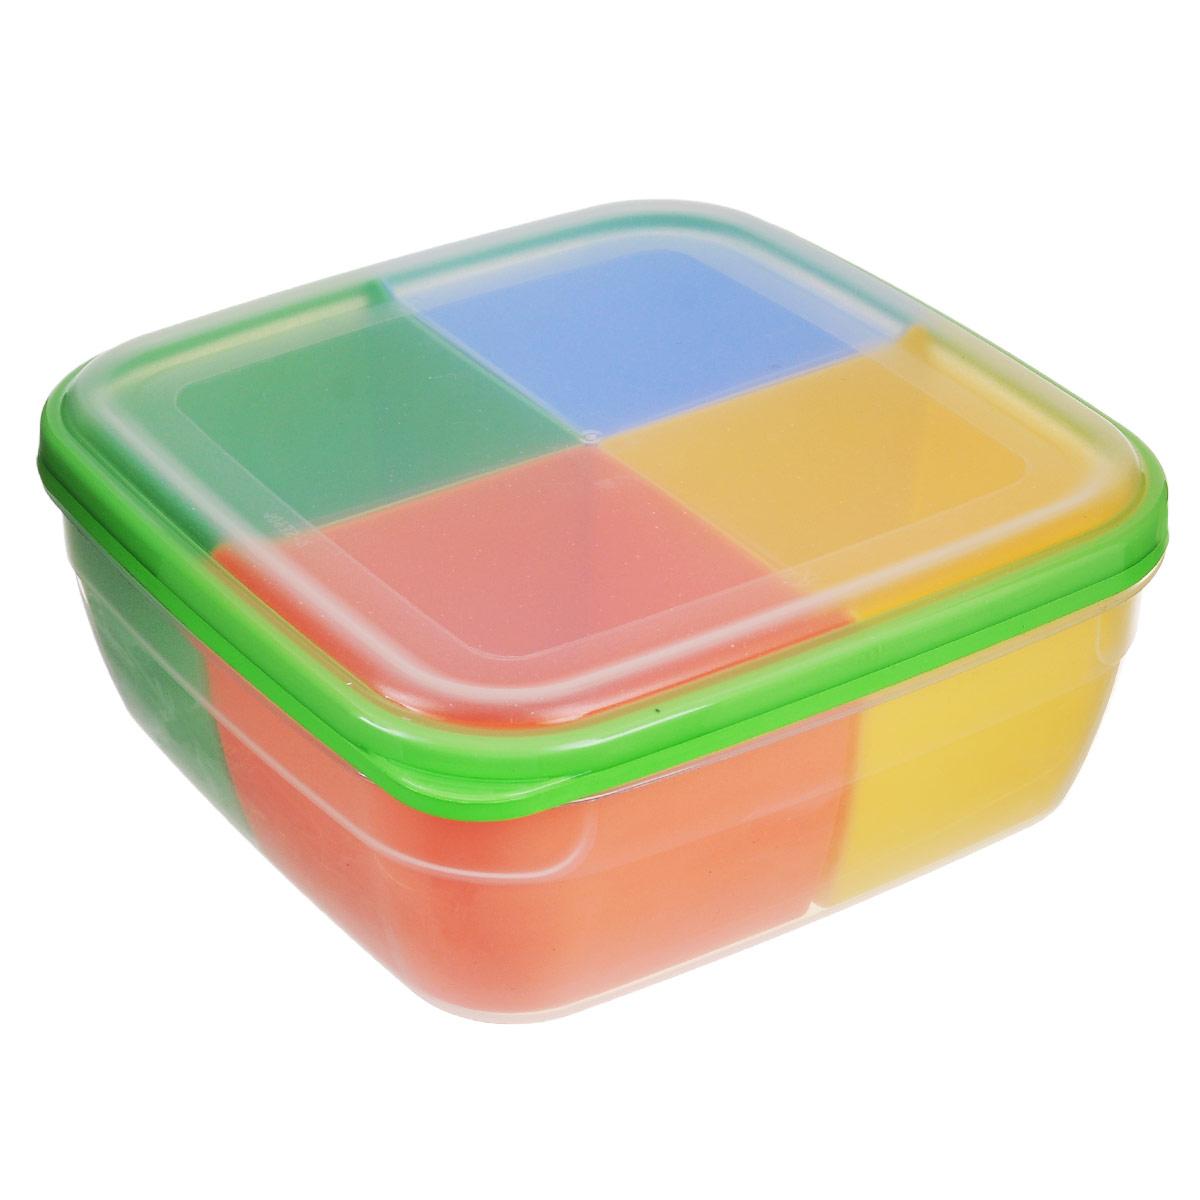 Контейнер-менажница для СВЧ Полимербыт, с крышкой, цвет: прозрачный, зеленый, голубой, 2,2 лС56701Контейнер-менажница для СВЧ Полимербыт изготовлен из высококачественного прочного пластика, устойчивого к высоким температурам (до +120°С). Крышка плотно закрывается, дольше сохраняя продукты свежими и вкусными. Контейнер снабжен 4 цветными съемными секциями, которые позволяют хранить сразу несколько продуктов или блюд. Он идеально подходит для хранения пищи, его удобно брать с собой на работу, учебу, пикник или просто использовать для хранения пищи в холодильнике. Можно использовать в микроволновой печи и для заморозки в морозильной камере. Можно мыть в посудомоечной машине. Размер секции: 9 х 9 х 7 см.